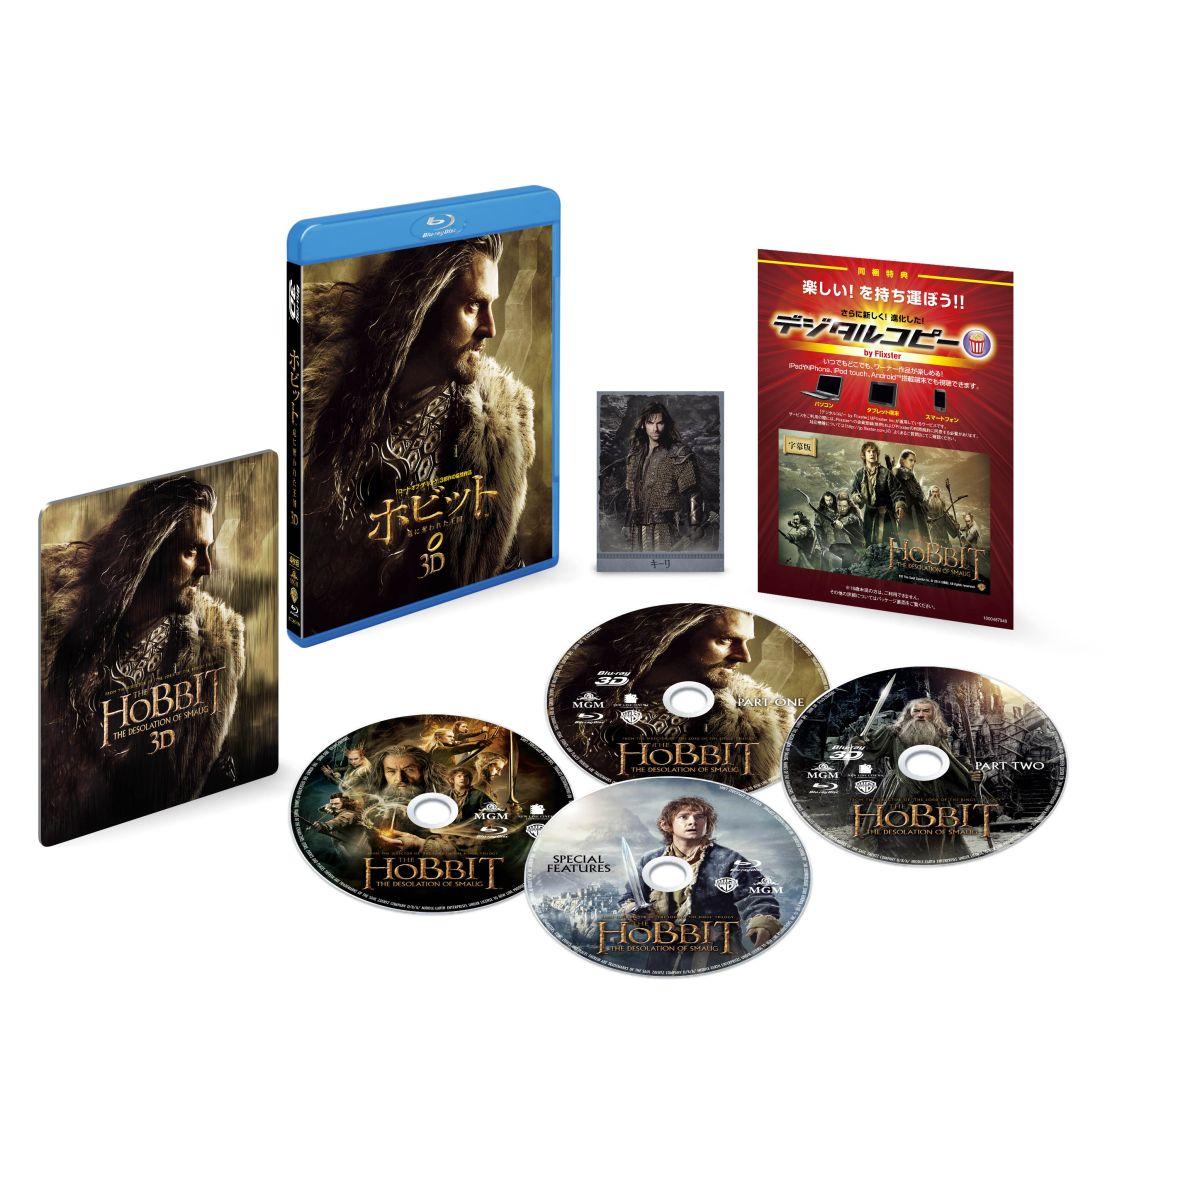 ホビット 竜に奪われた王国 3D&2D ブルーレイセット[1000487479][Blu-ray/ブルーレイ]